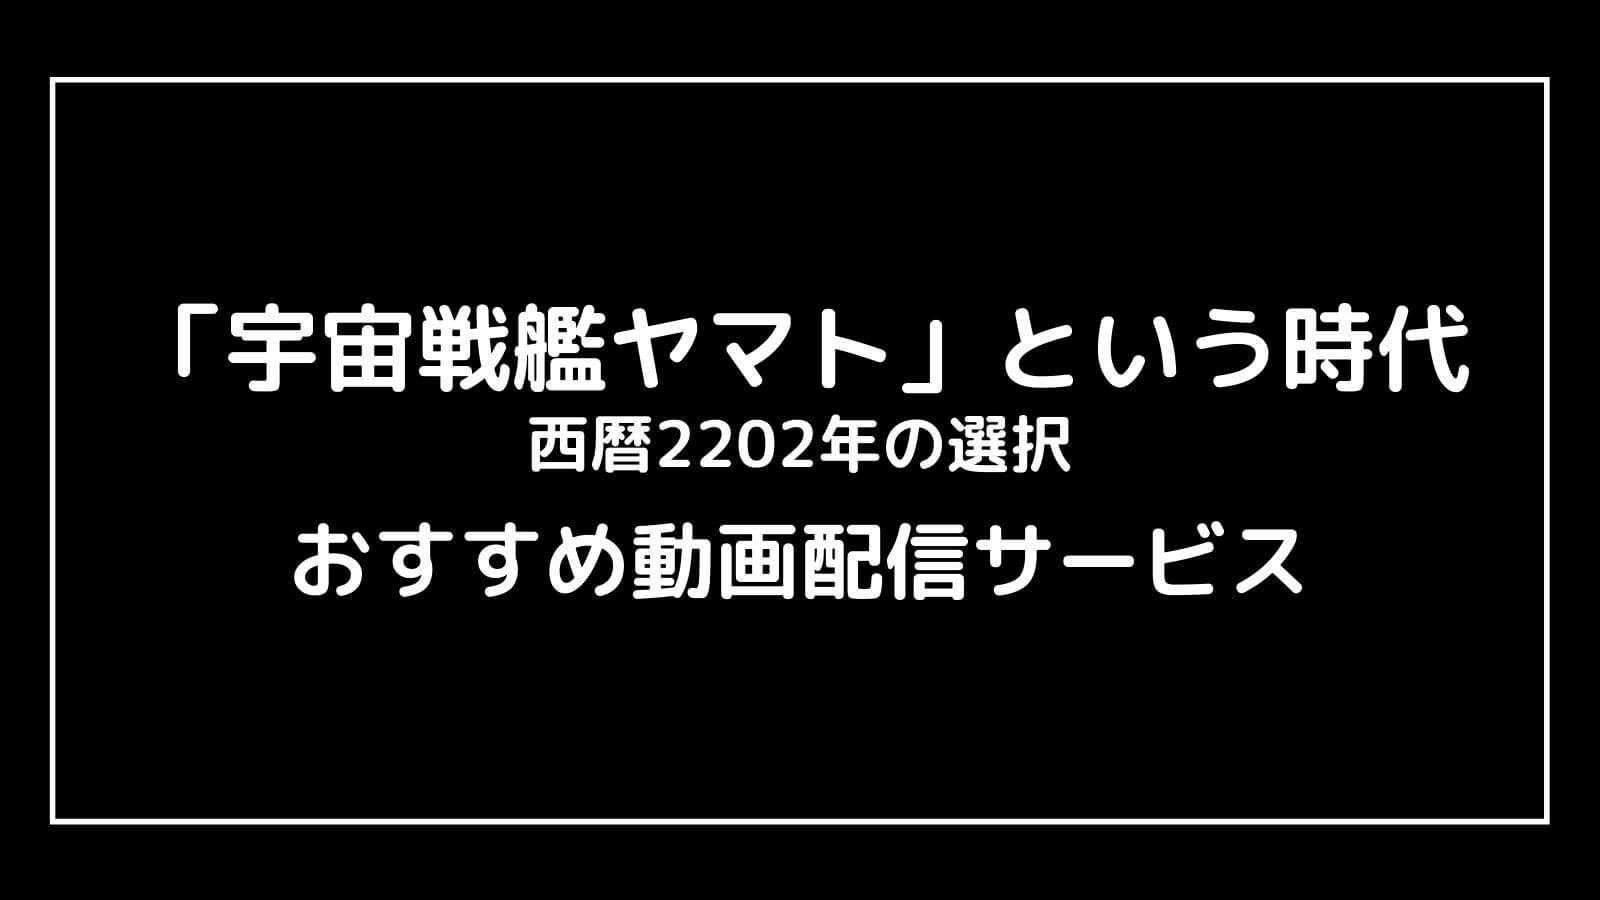 『宇宙戦艦ヤマトという時代 西暦2202年の選択』の配信を無料視聴できるおすすめ動画配信サイト